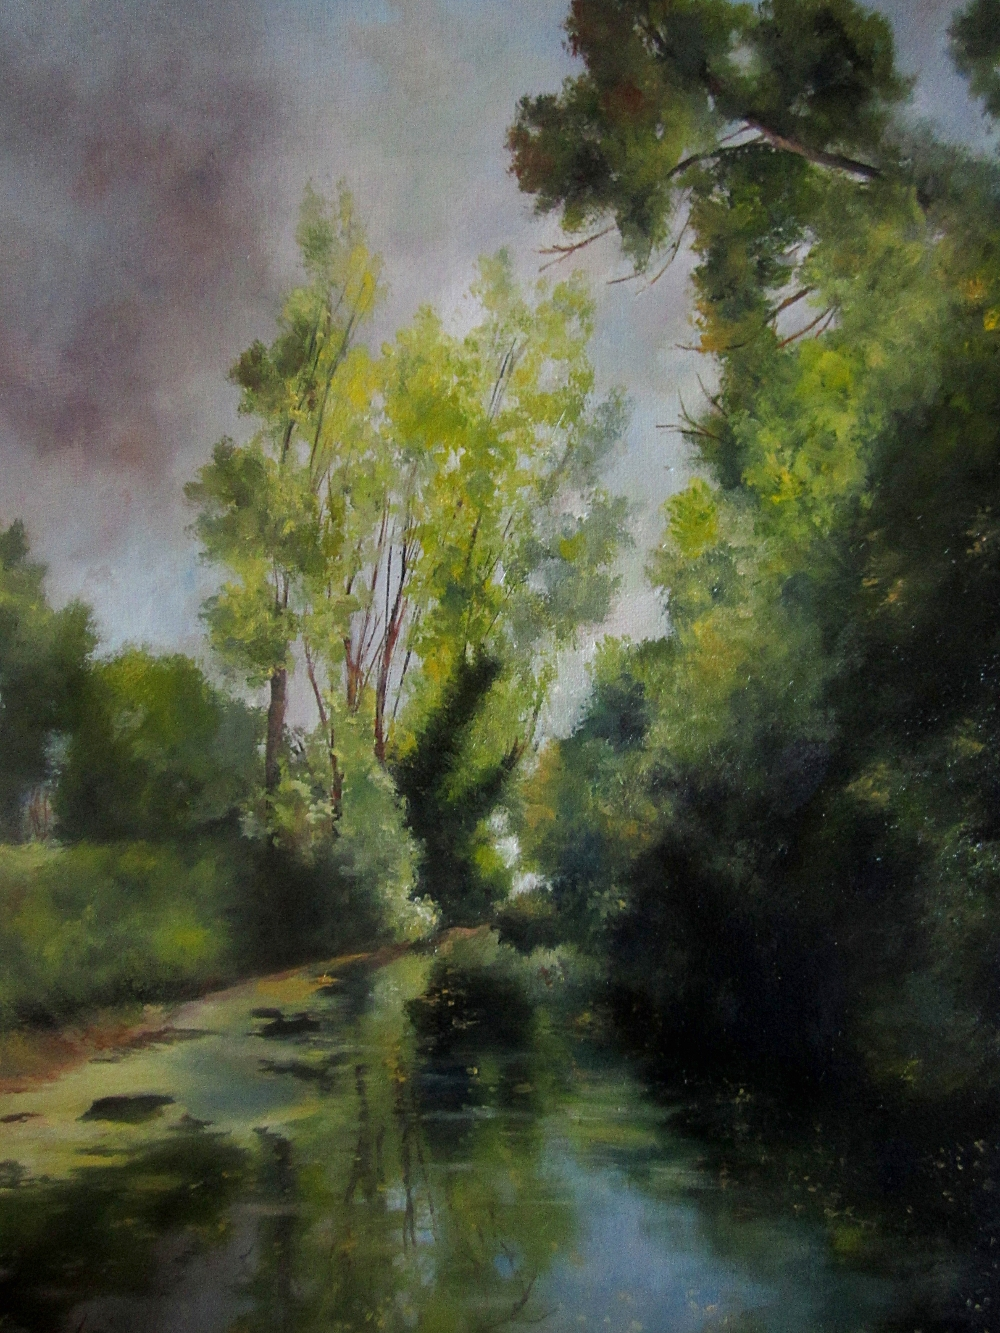 olio su tela, 30x40 (2012)